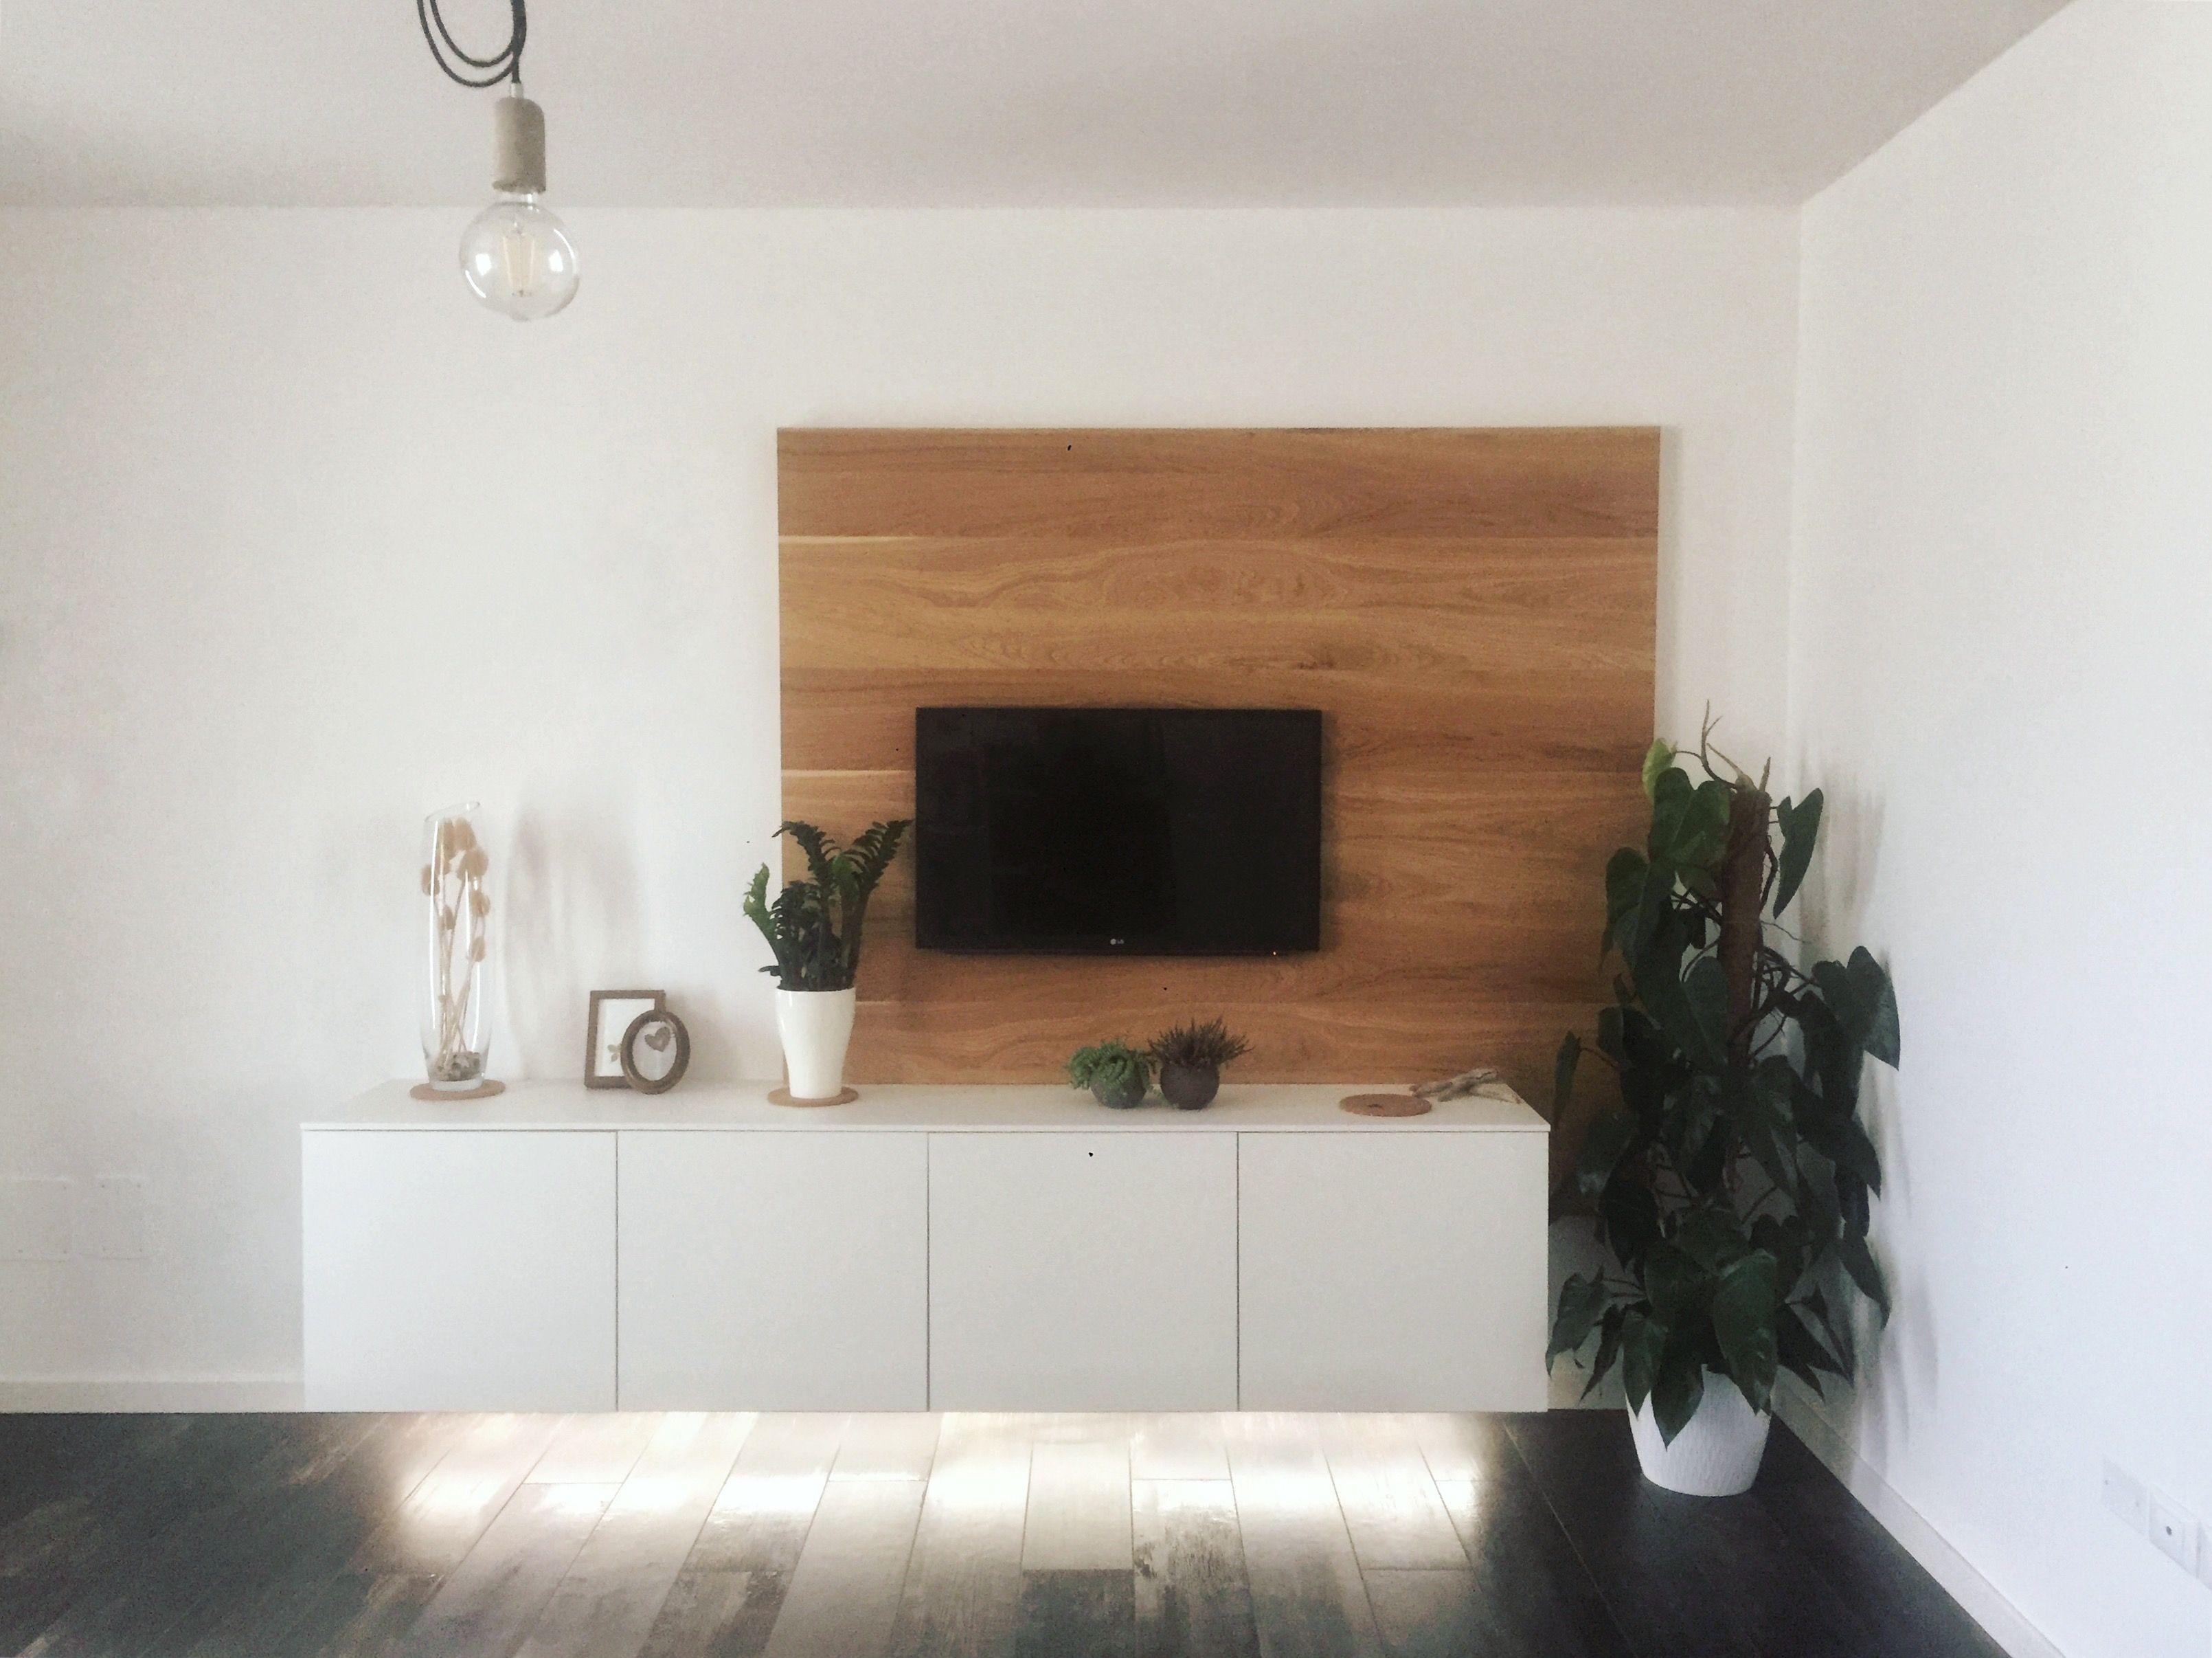 Pianta Soggiorno ~ Interiordesign #homedecor #soggiorno #white #wood #lafaenza #tv